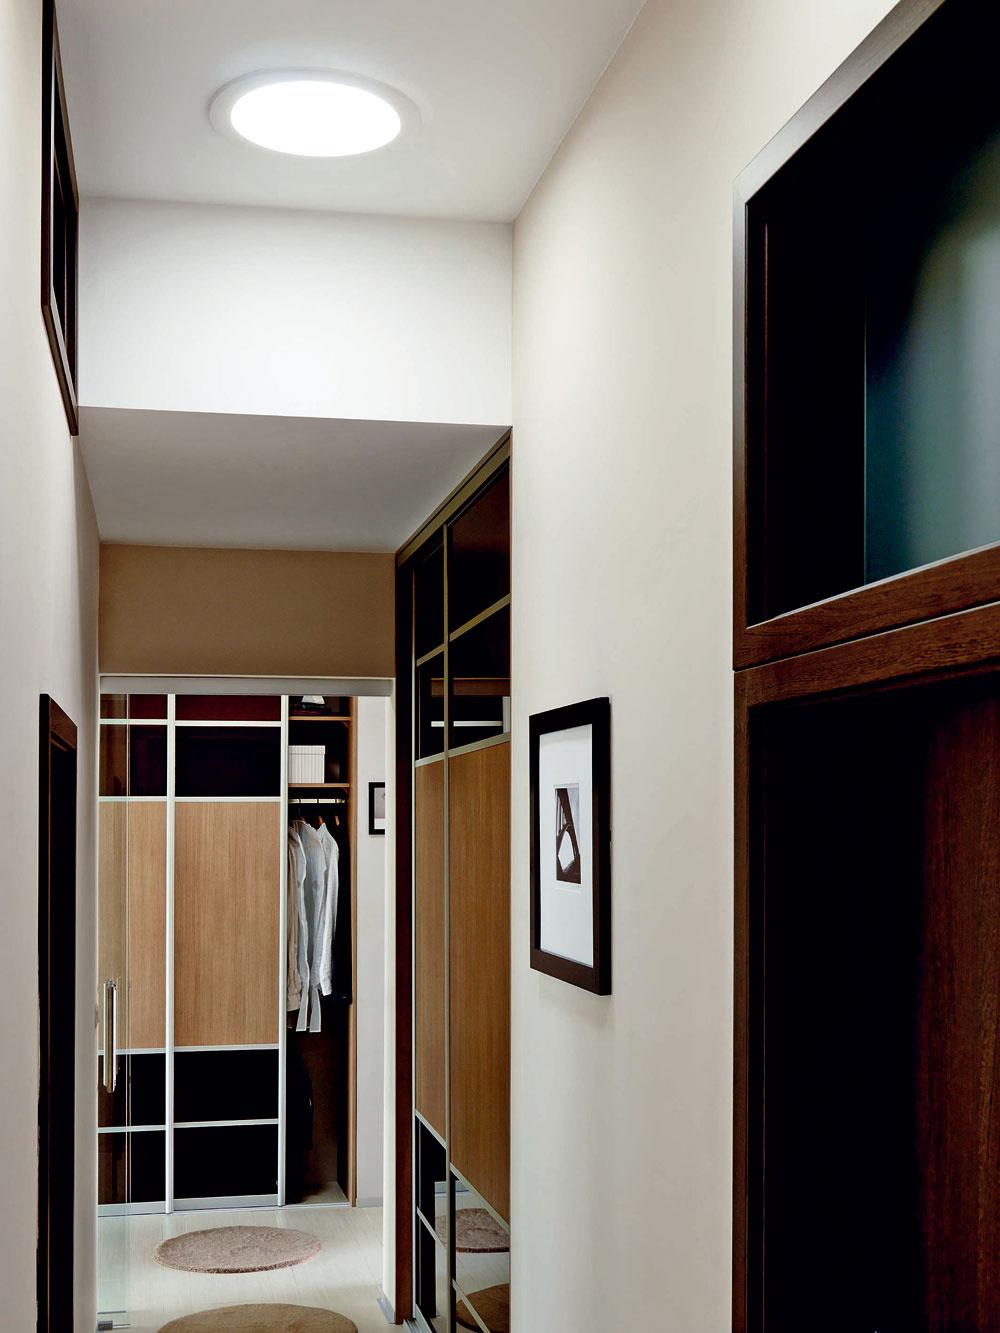 Svetlovodom, bez výraznejšej straty svetelnosti aj keď je nebo oblačné, možno priviesť denné svetlo do uzavretých útrob domu aj na vzdialenosť päťnástich metrov. Svetlovody prenášajú denné svetlo do interiéru. Majú flexibilnú dĺžku amožno ich použiť vo všetkých častiach obytného priestoru a pri všetkých druhoch strešnej krytiny. Sú riešením najmä tam, kde zkonštrukčných dôvodov nemožno priviesť prirodzené vonkajšie svetlo do interiéru konvenčným spôsobom.